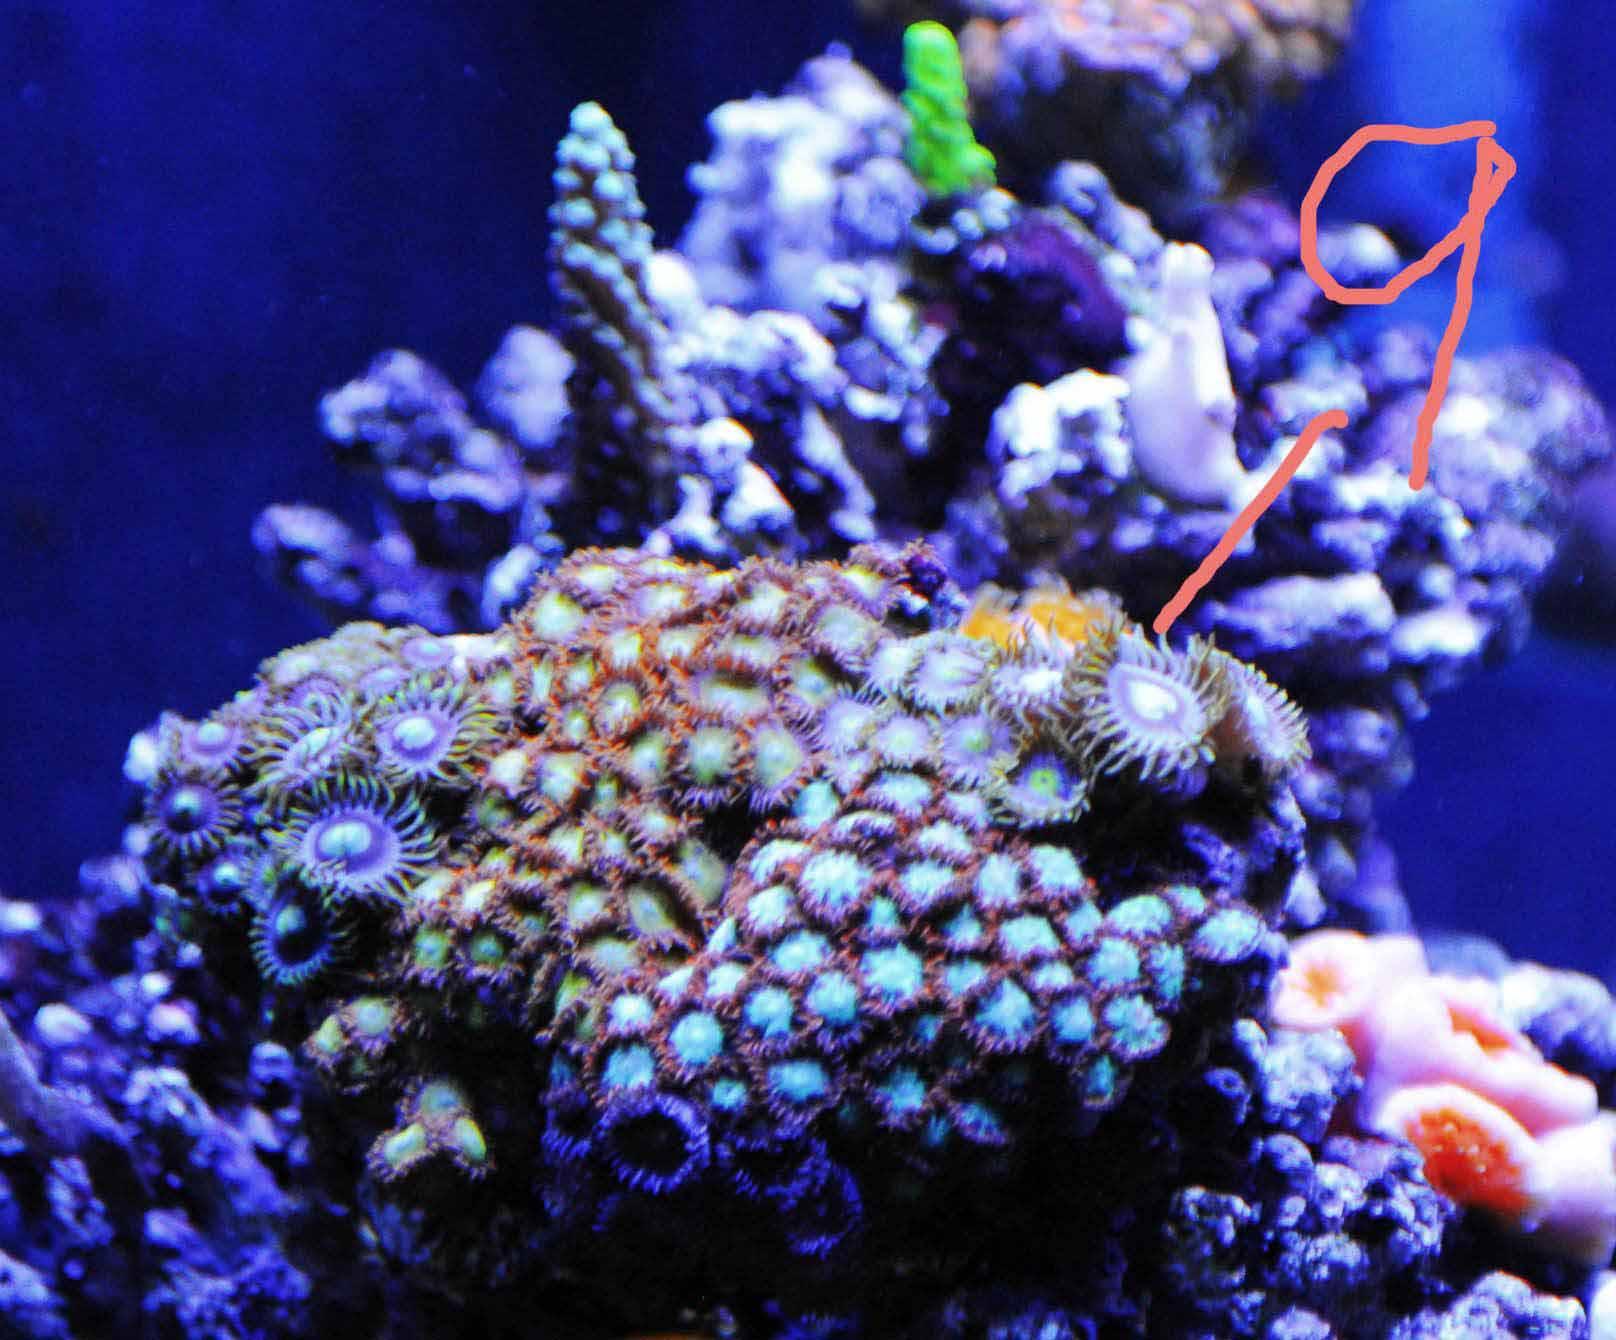 壁纸 海底 海底世界 海洋馆 水族馆 1616_1340